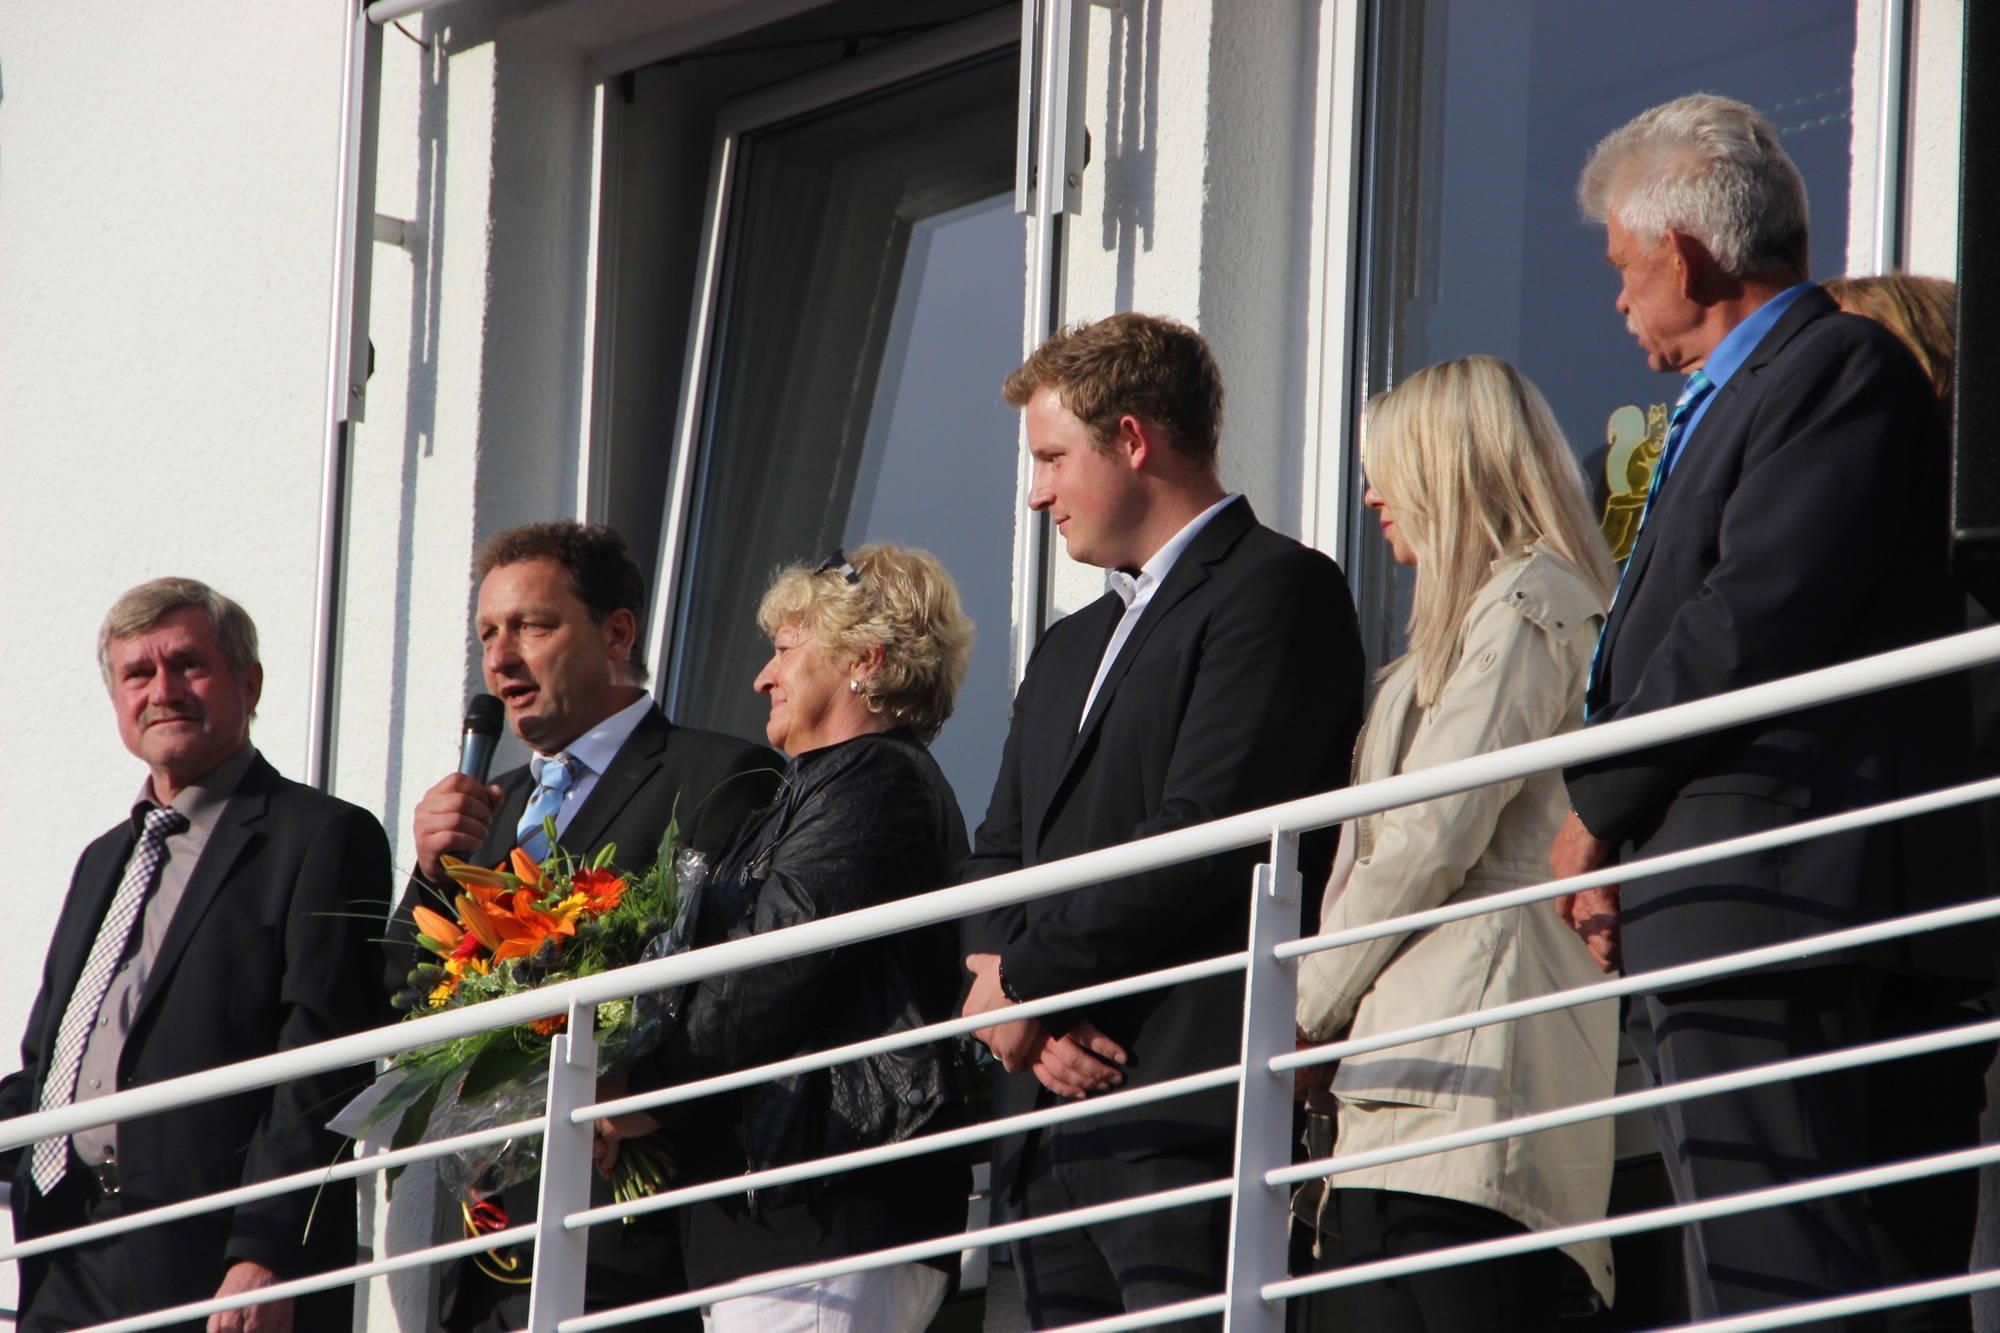 B rgermeisterwahl waibstadt joachim locher konnte sein stimmenergebnis von 2009 toppen - Locher im garten ...